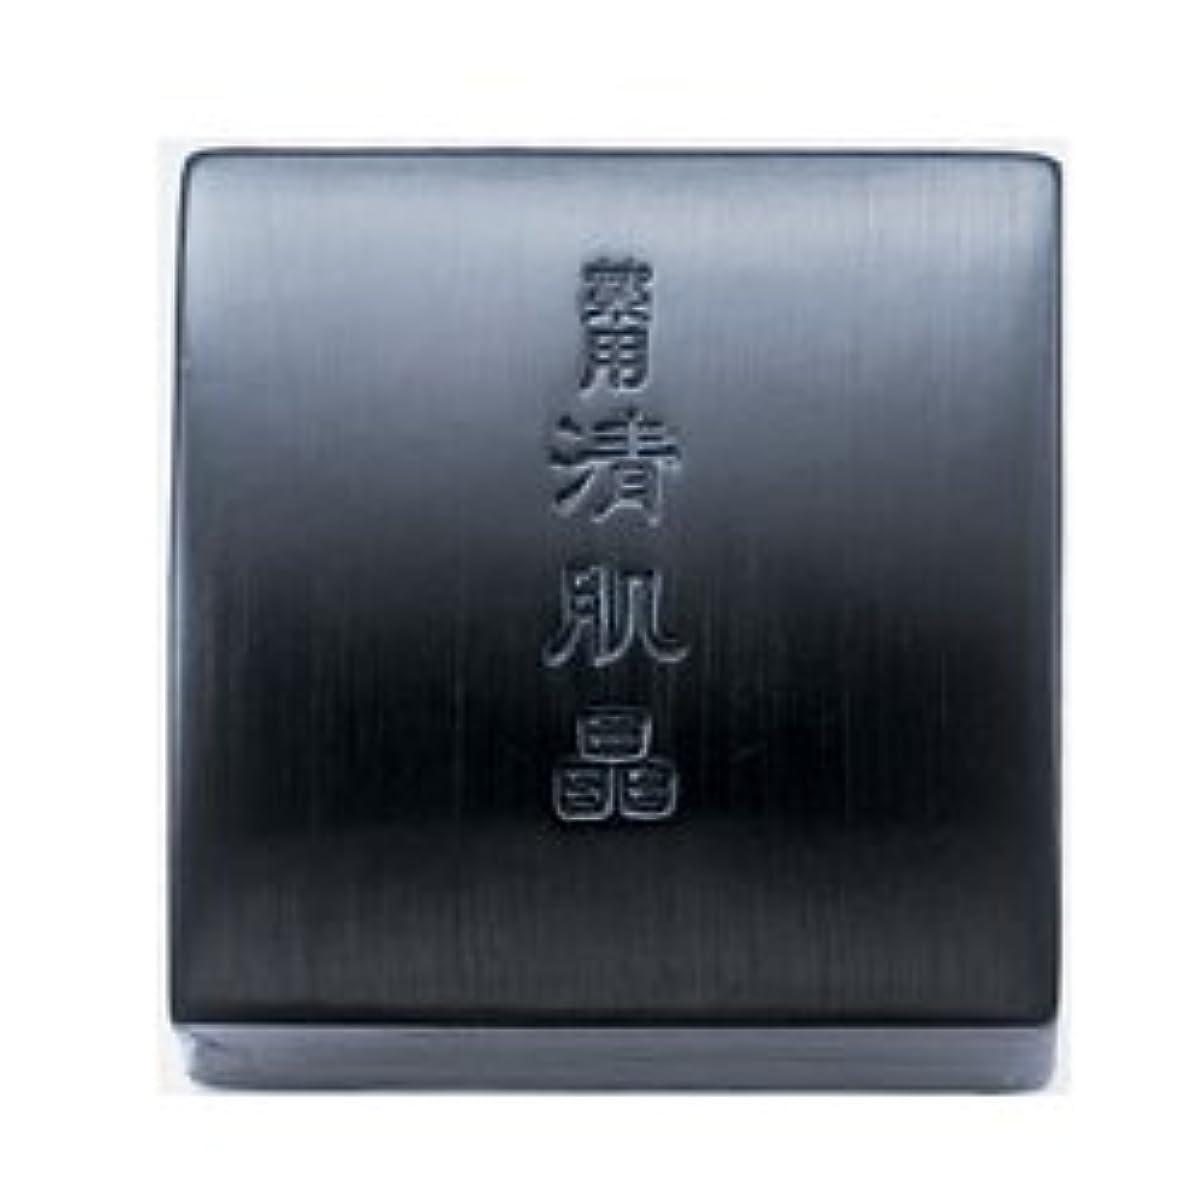 ワイヤークローゼット郵便物コーセー 薬用 清肌晶 洗顔 石けん 120g アウトレット